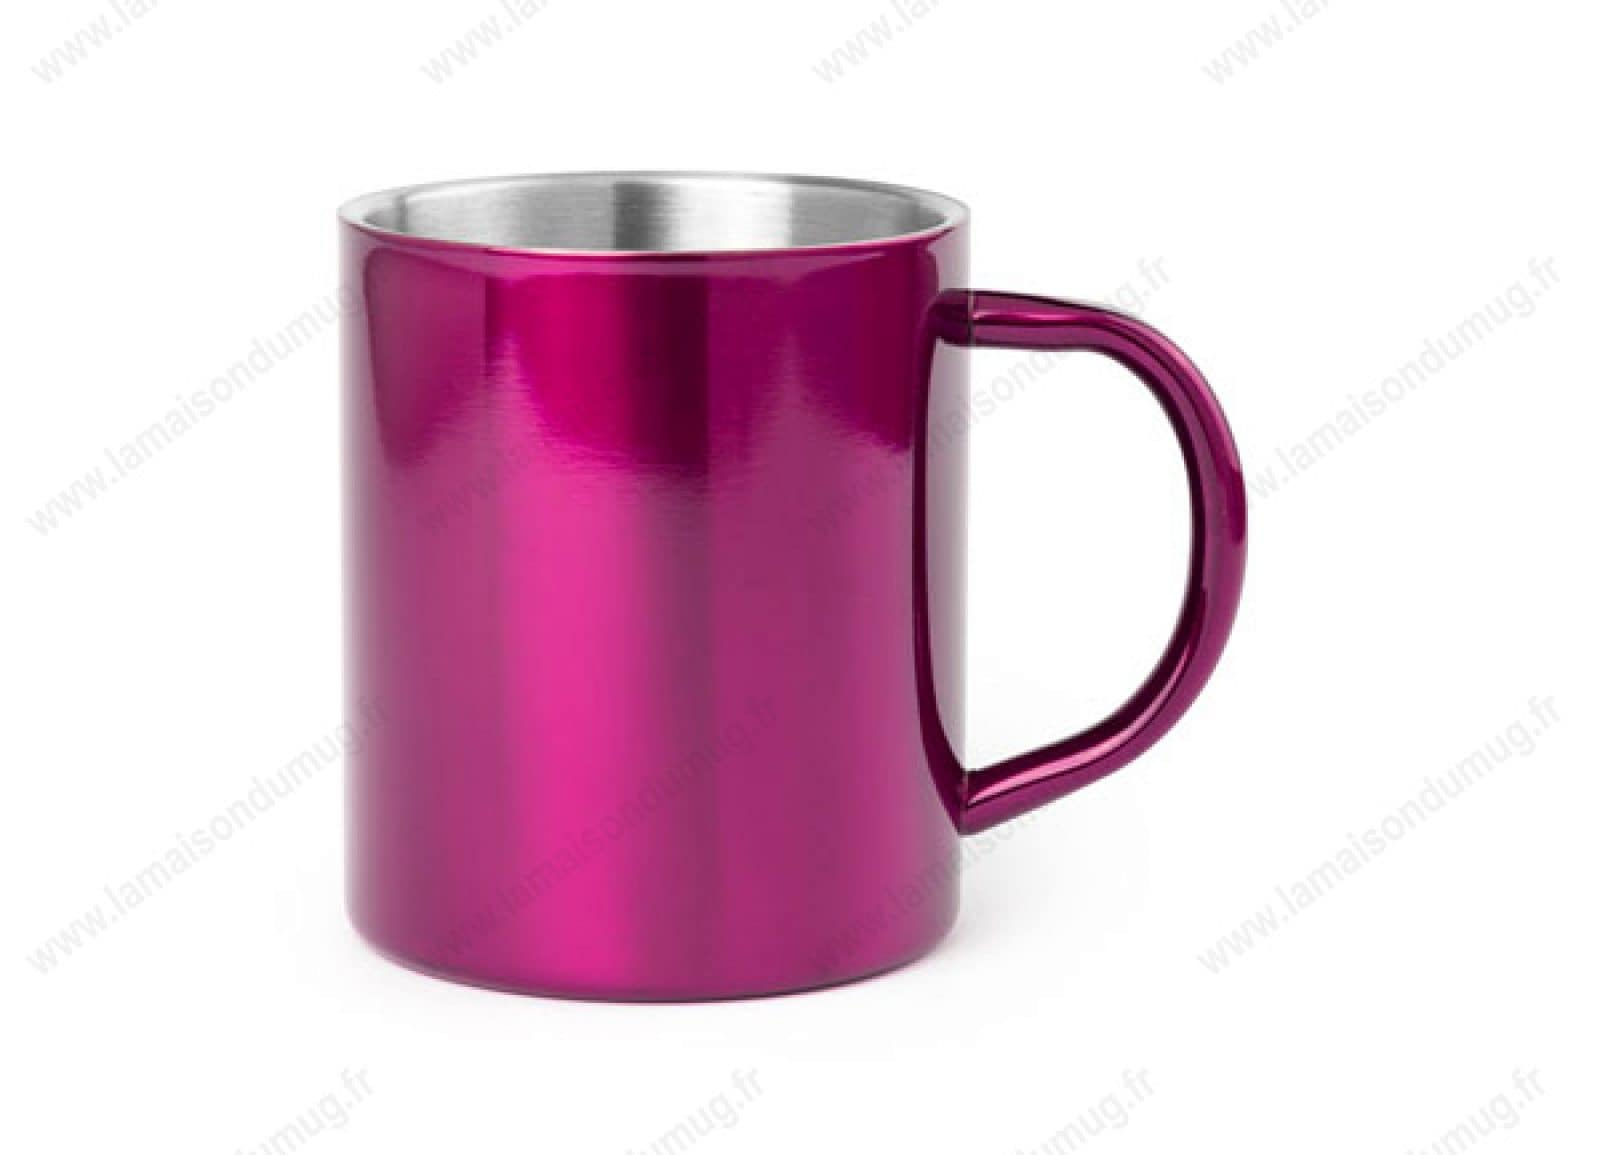 Métal Métal Acier Mug Métal PersonnaliséInox PersonnaliséInox Mug PersonnaliséInox Mug Acier Acier v0NO8ymnw